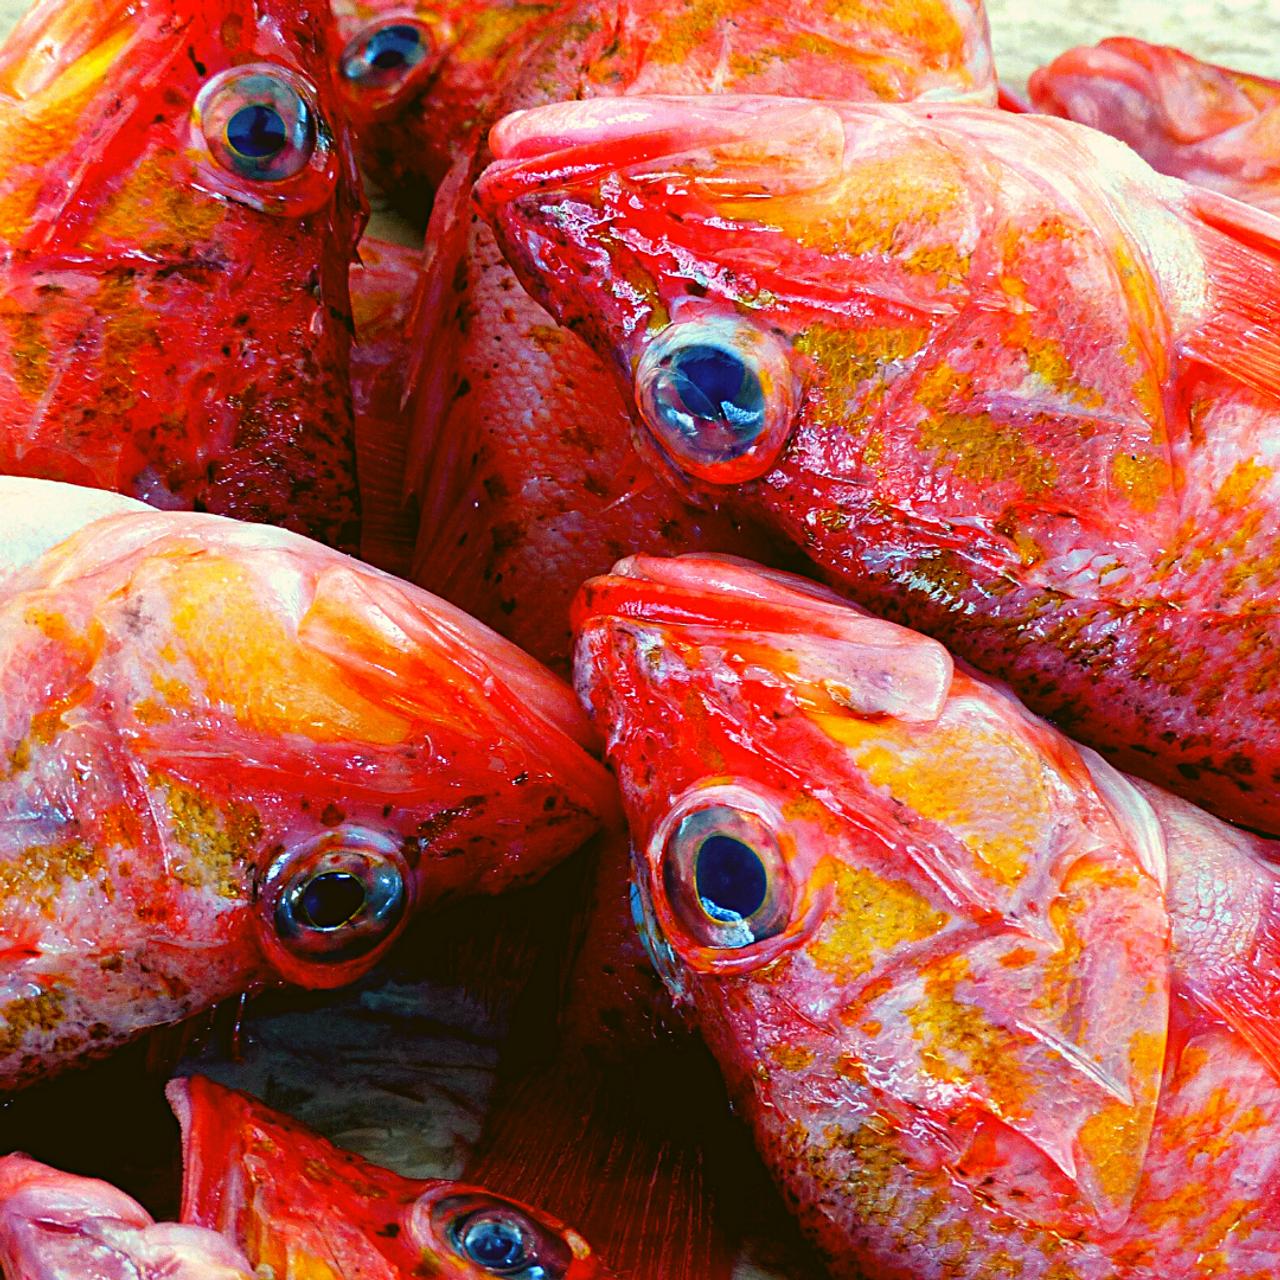 No more fish in the sea